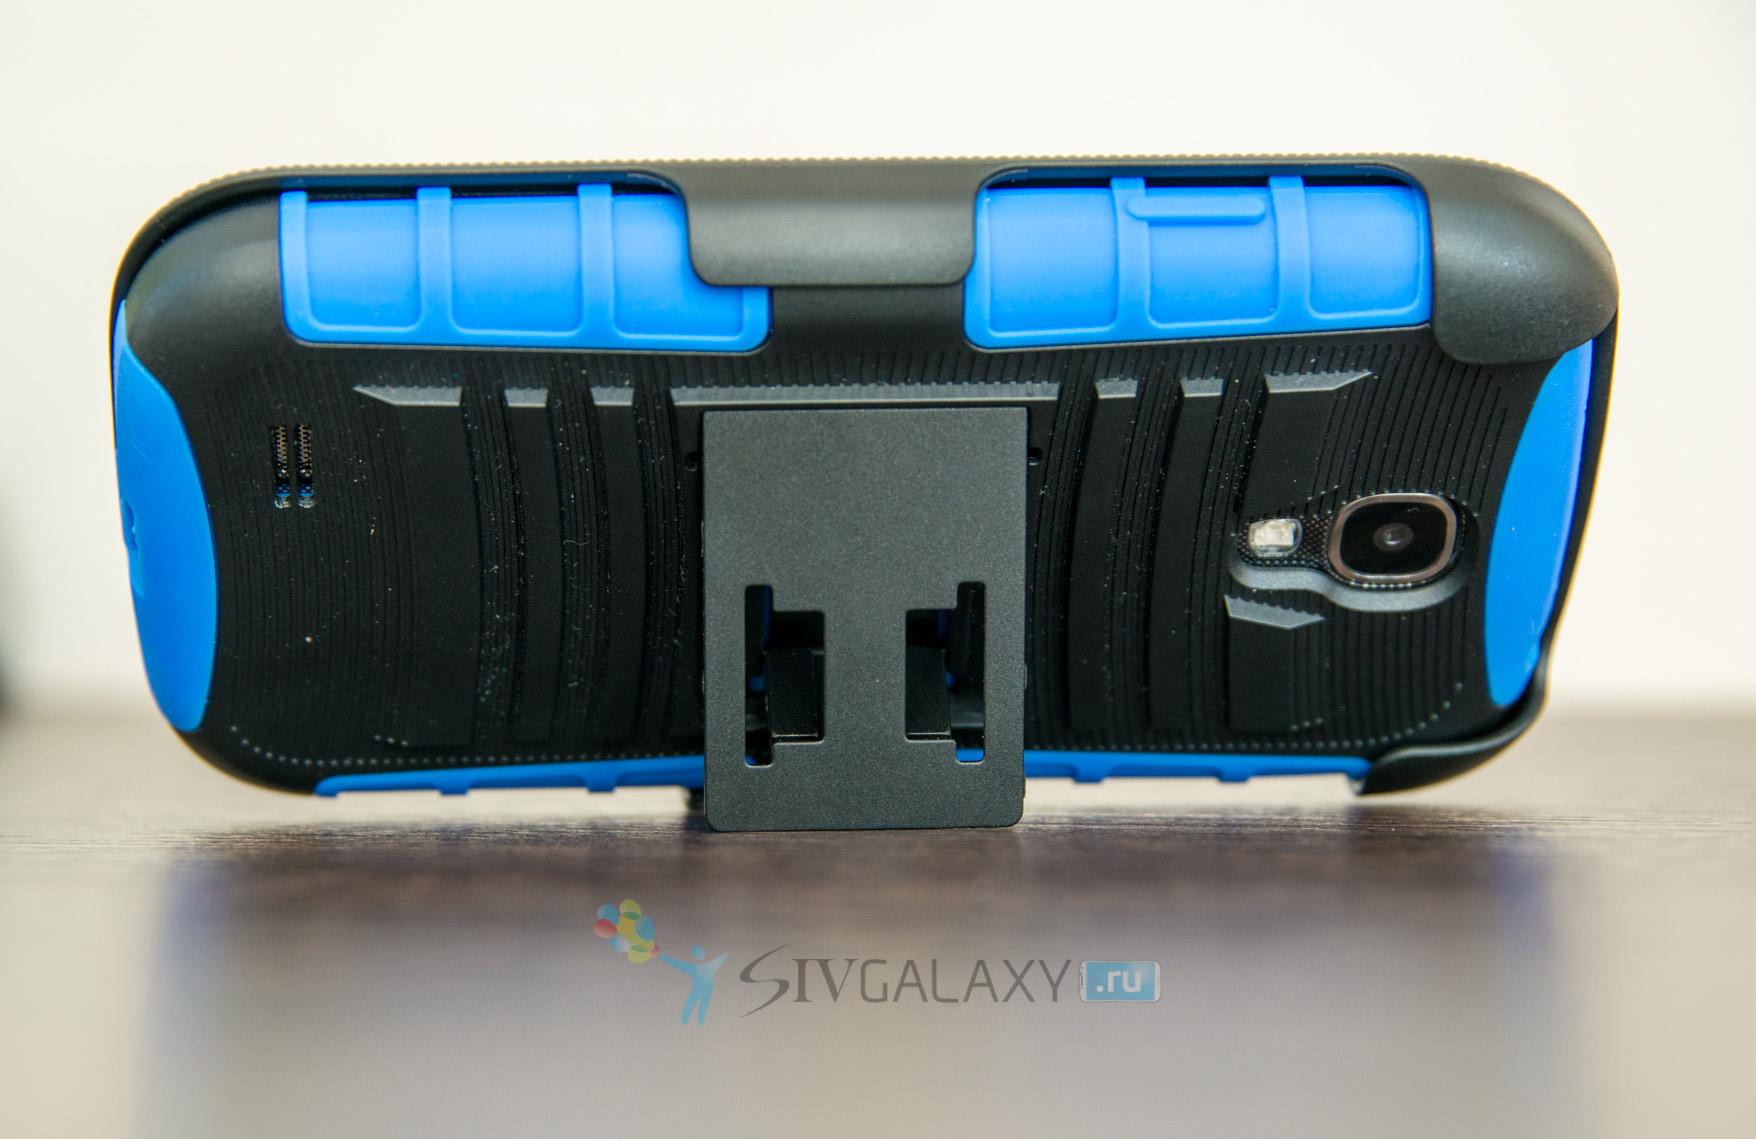 Защитный кейс для Samsung Galaxy S4 с подставкой